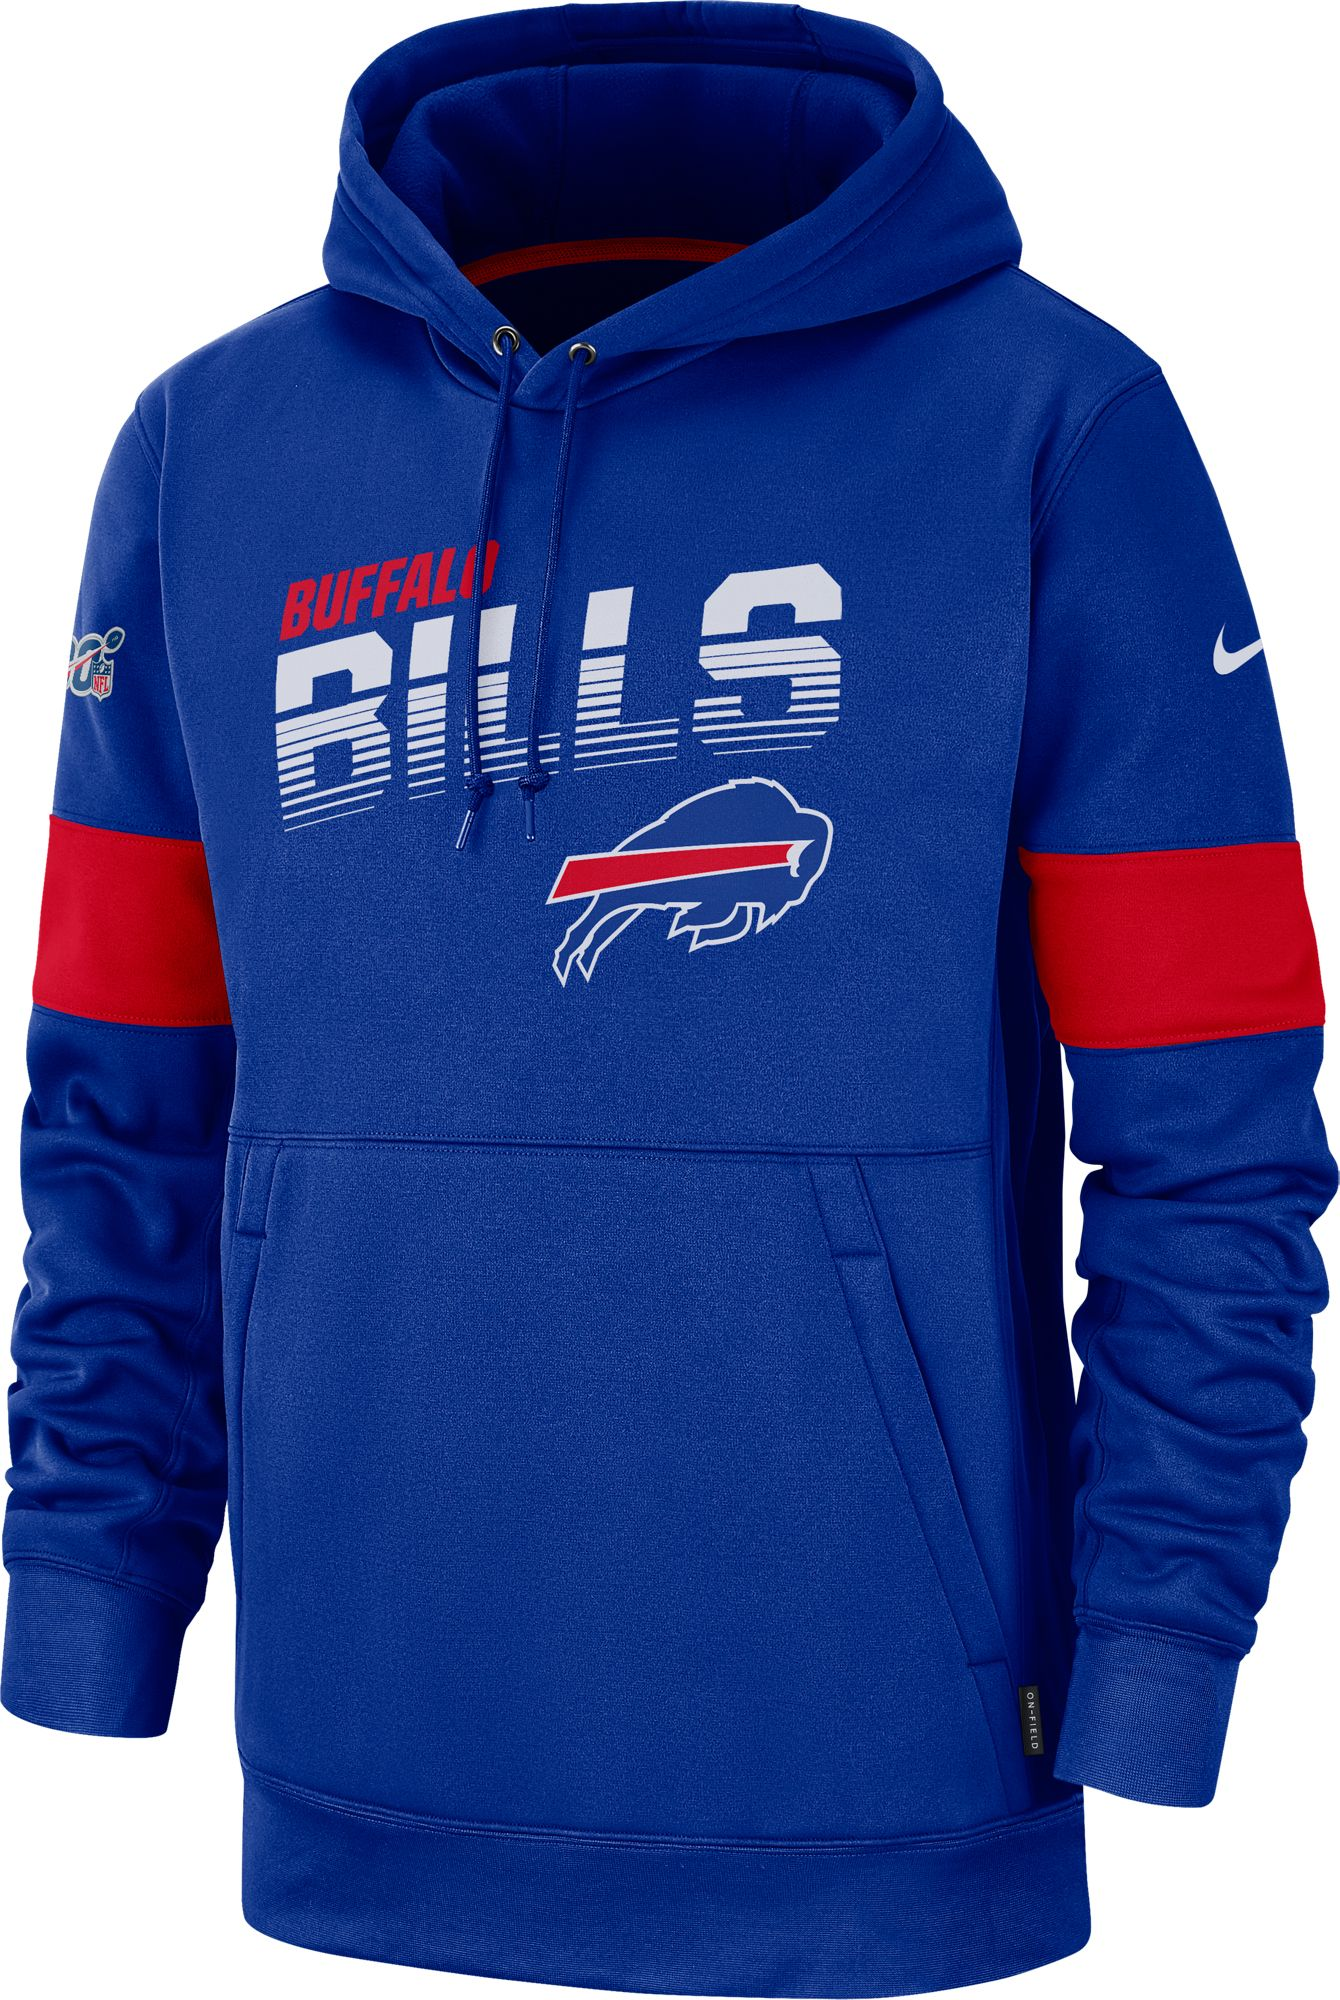 Nike Men's Buffalo Bills 100th Sideline